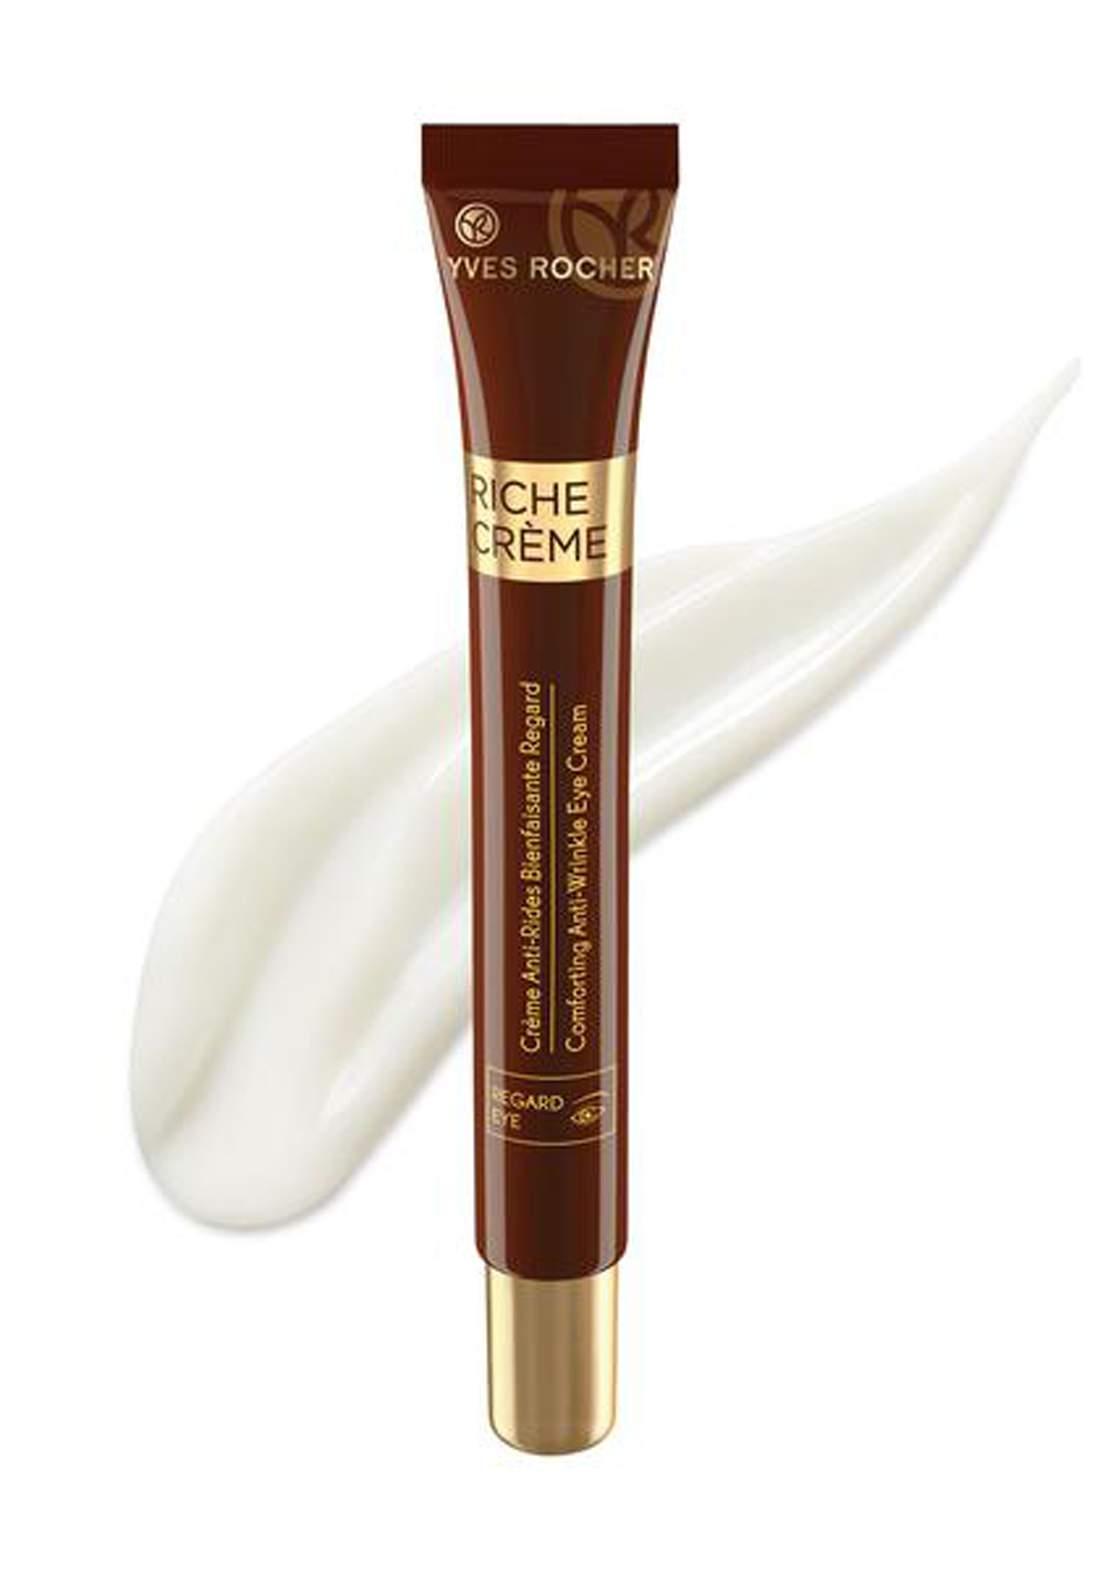 Yves Rocher 22888 Riche Creme Anti-wrinkle Eye Cream 14ml كريم مضاد للتجاعيد حول العينين